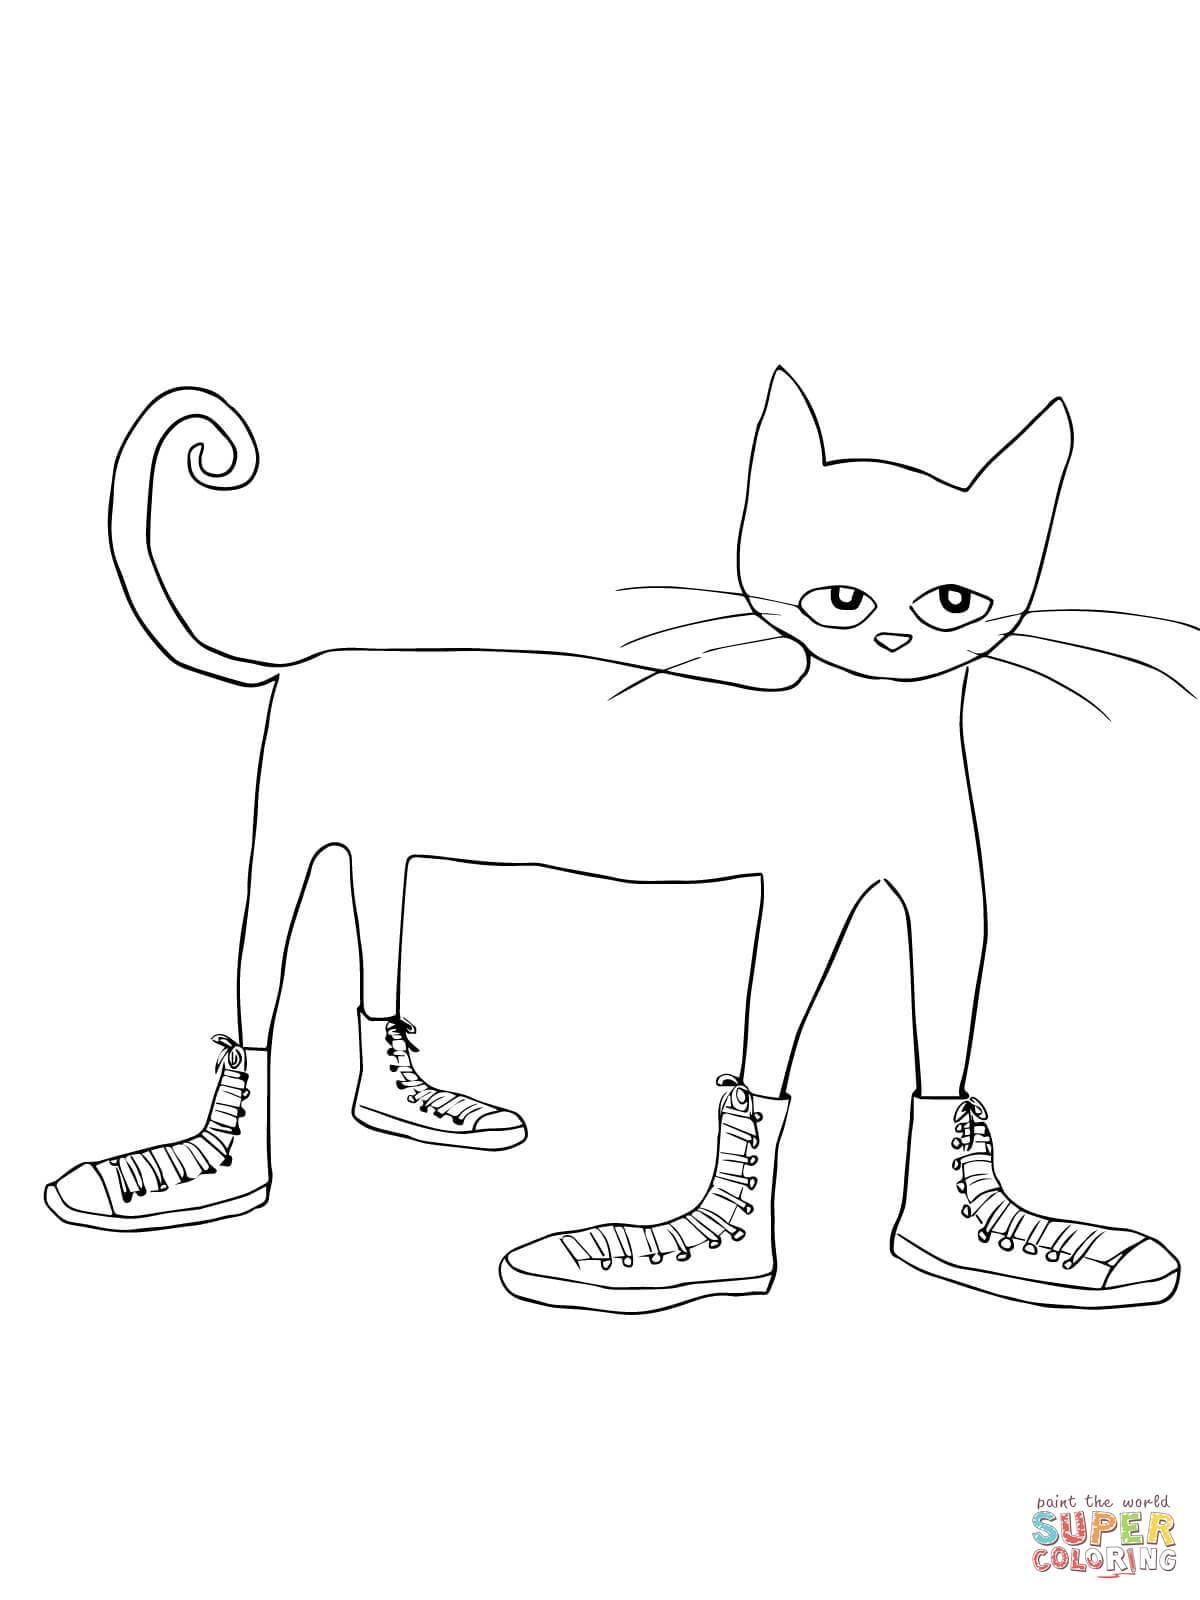 1200x1600 Shocking Petethecatilovemywhiteshoescoloringpage Pict Of Cat